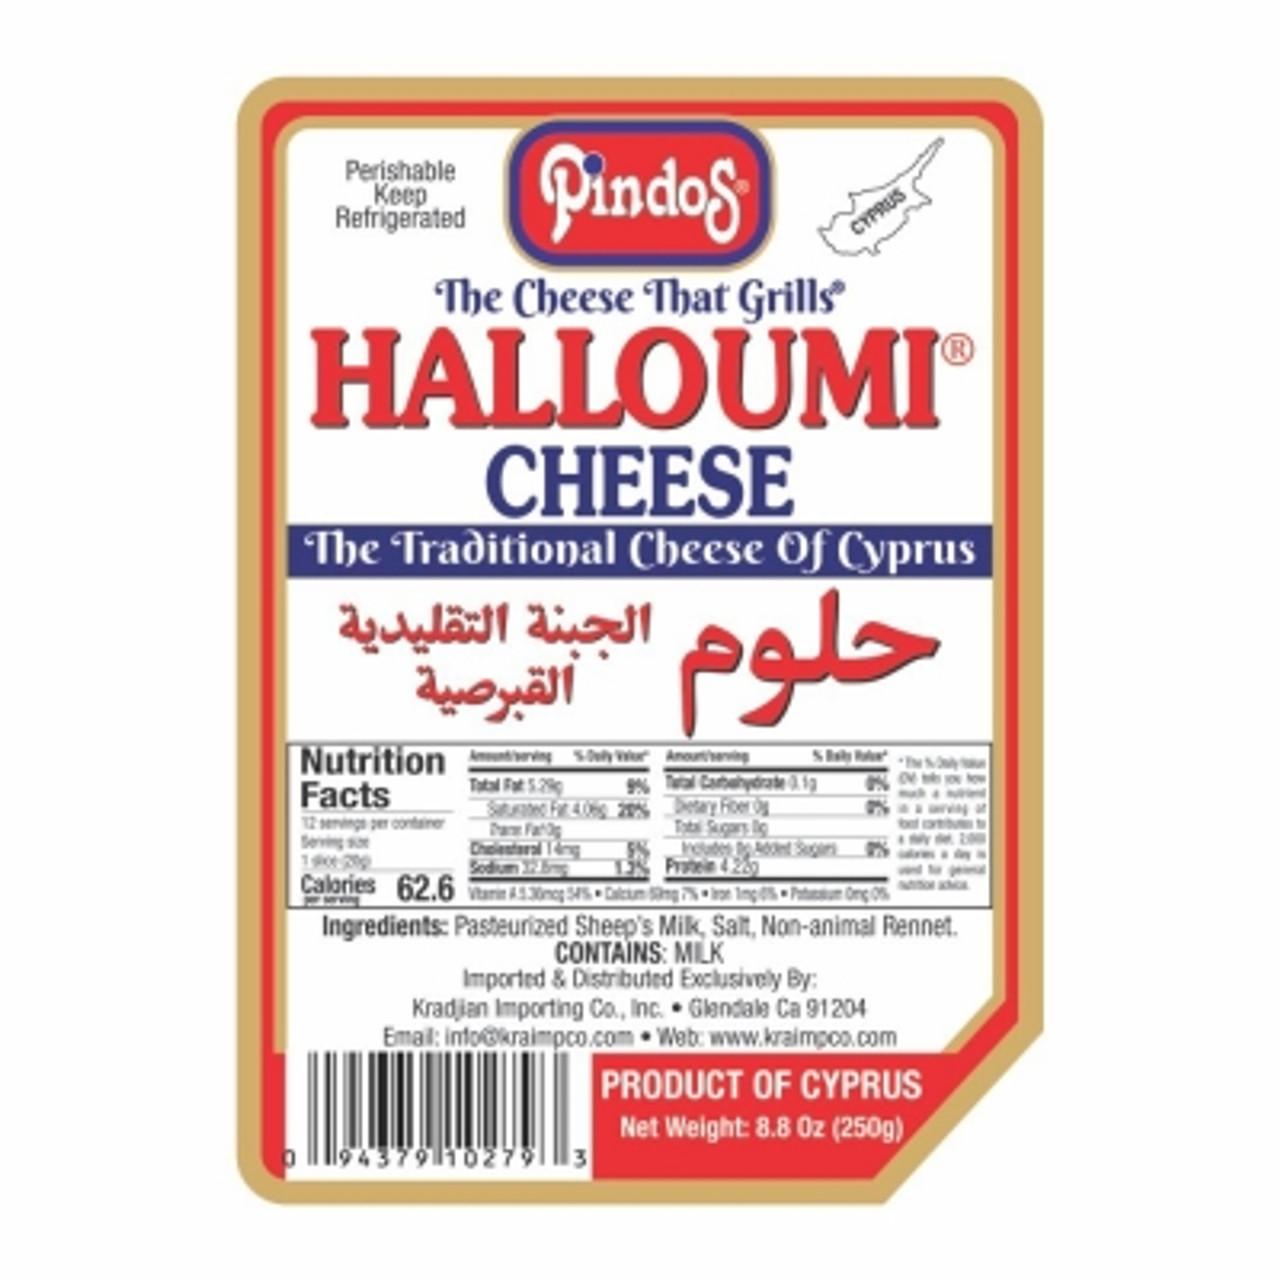 PINDOS CYPRUS HALLOUMI CHEESE (250G)